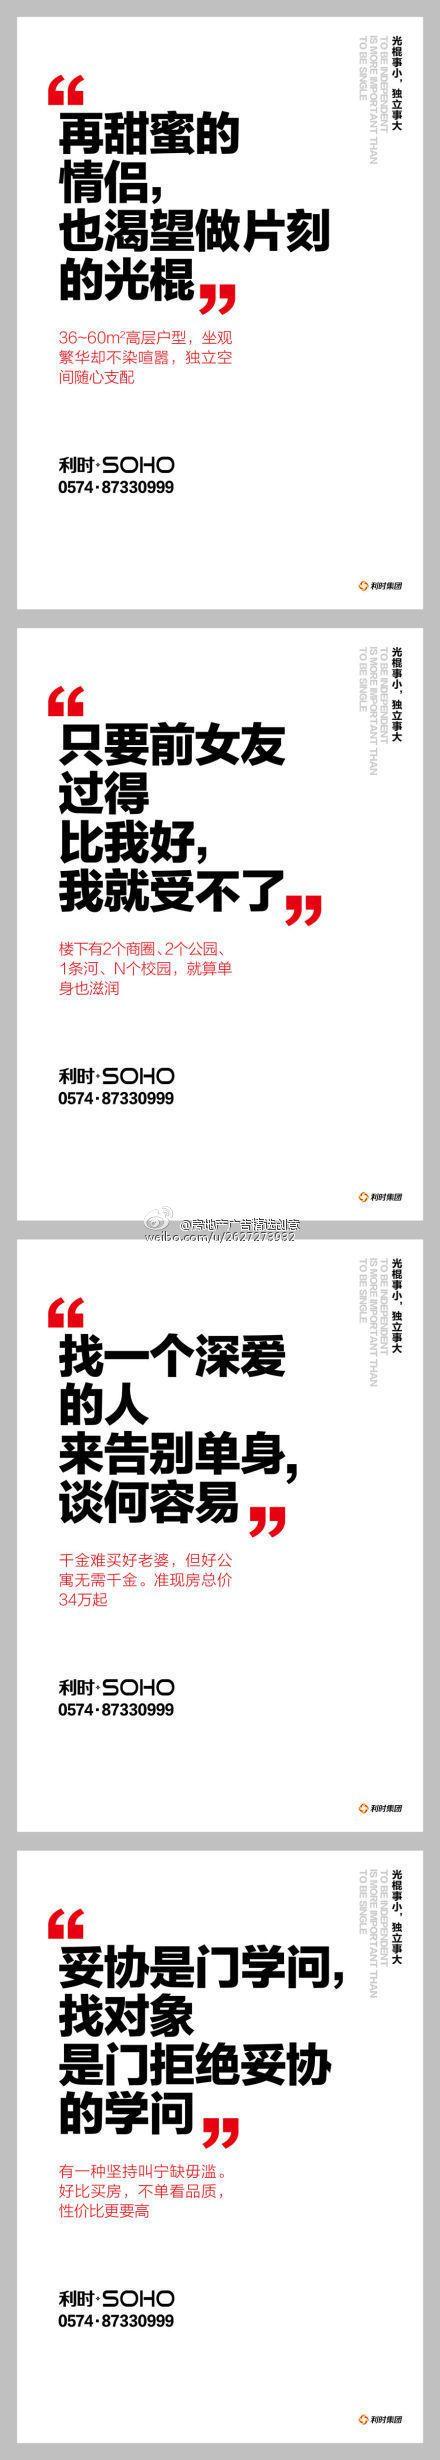 【利时SOHO】转自房地产广告精选创意@工言人俊采集到地产广告(2495图)_花瓣